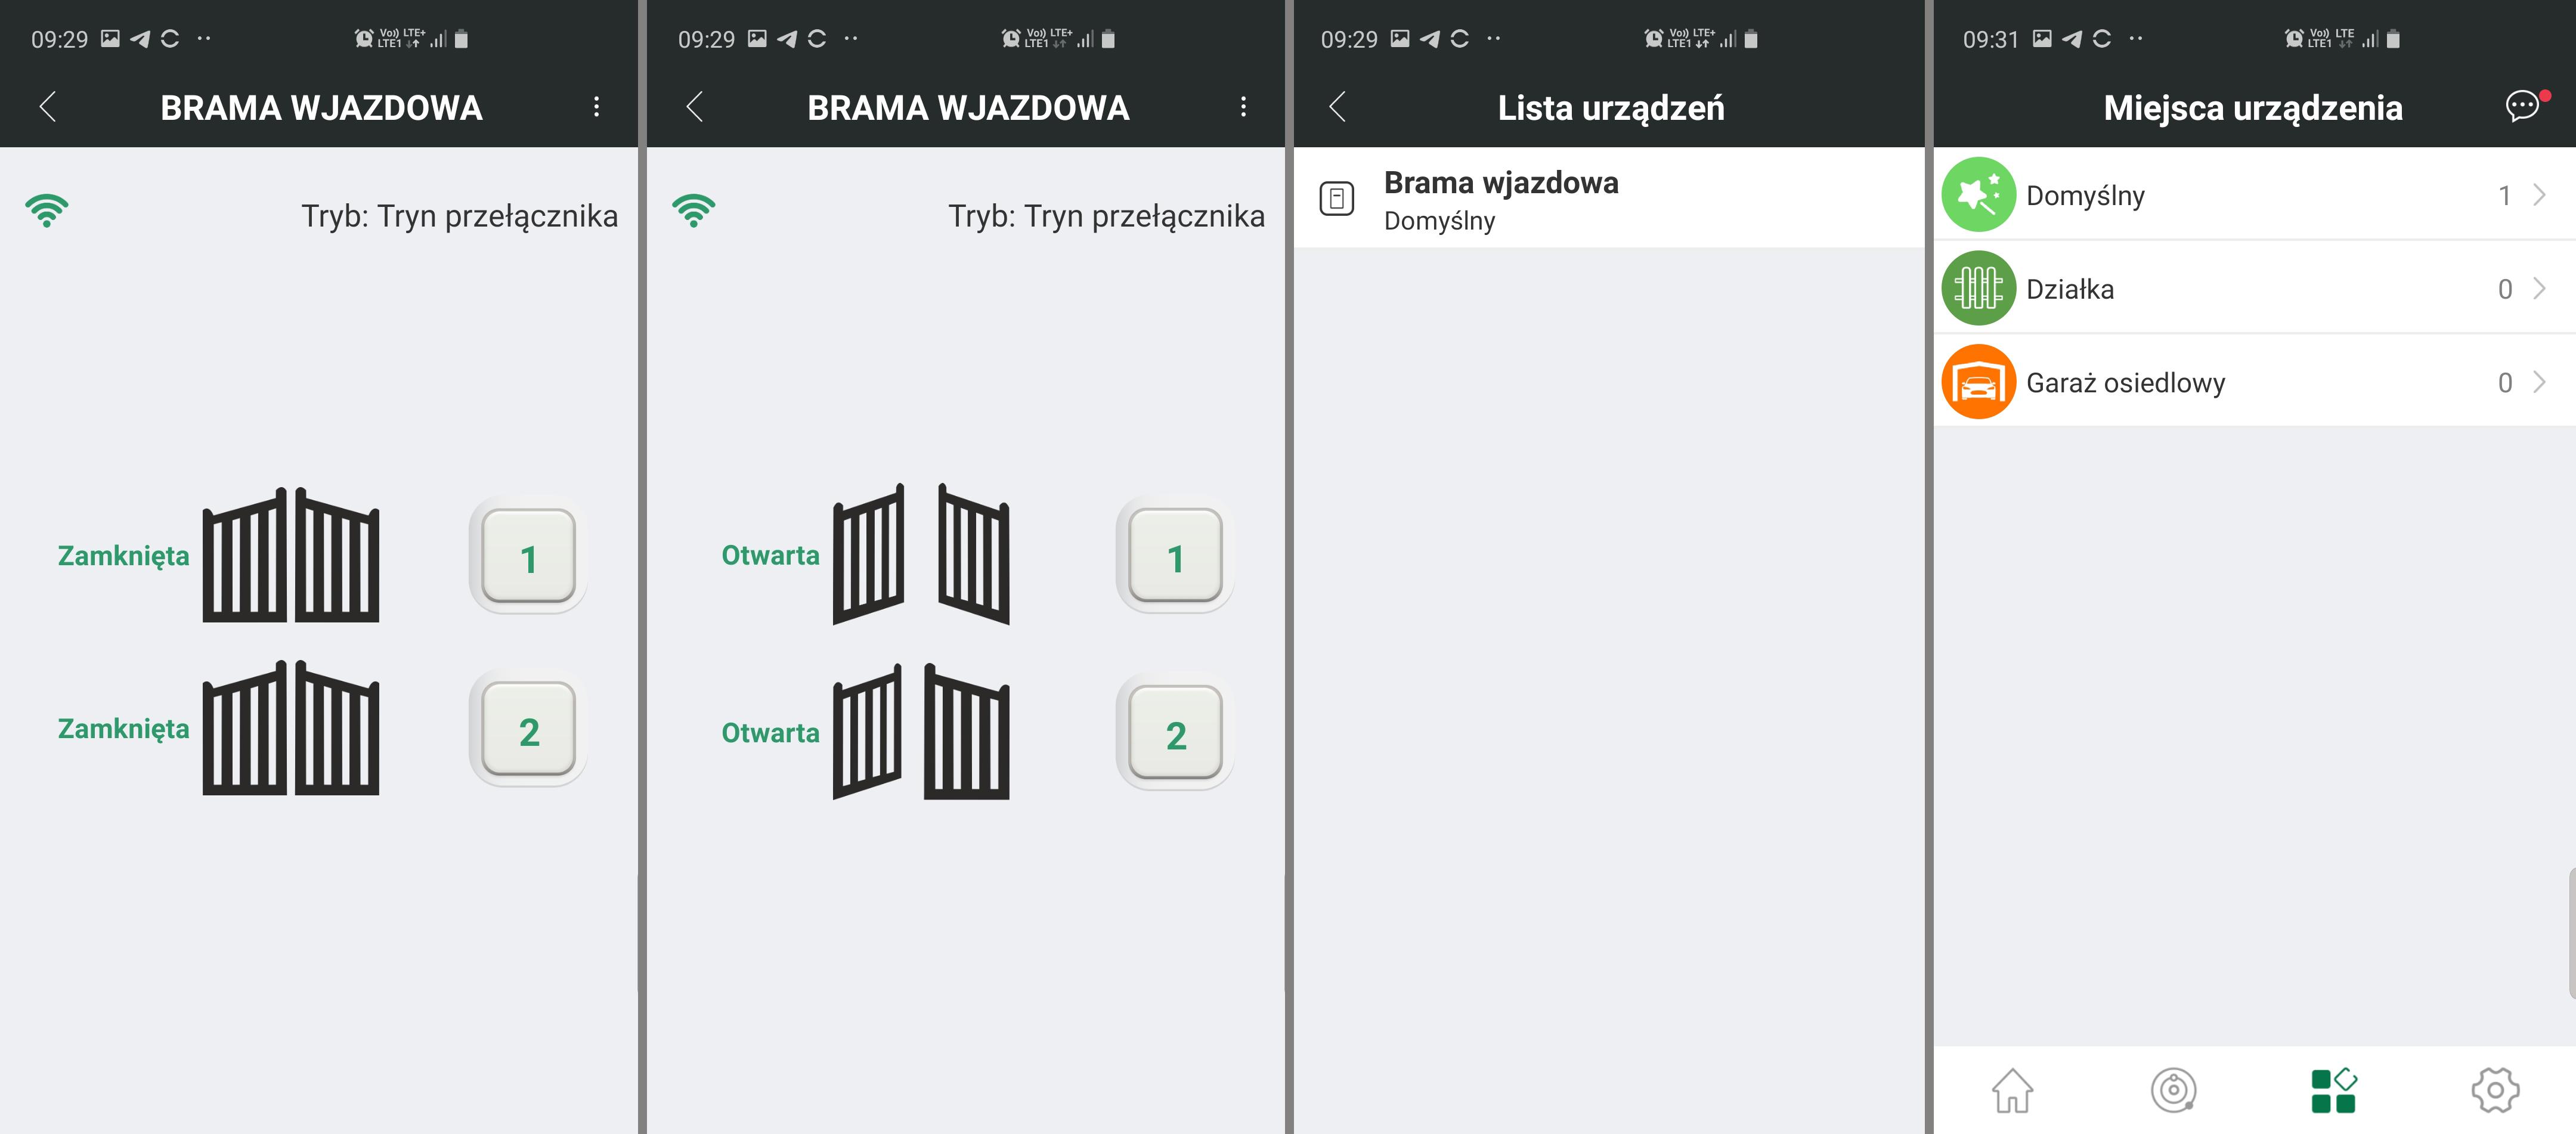 http://jbpartner.pl/zdjecia/sklep_www/naped_419_wifi/8.jpg